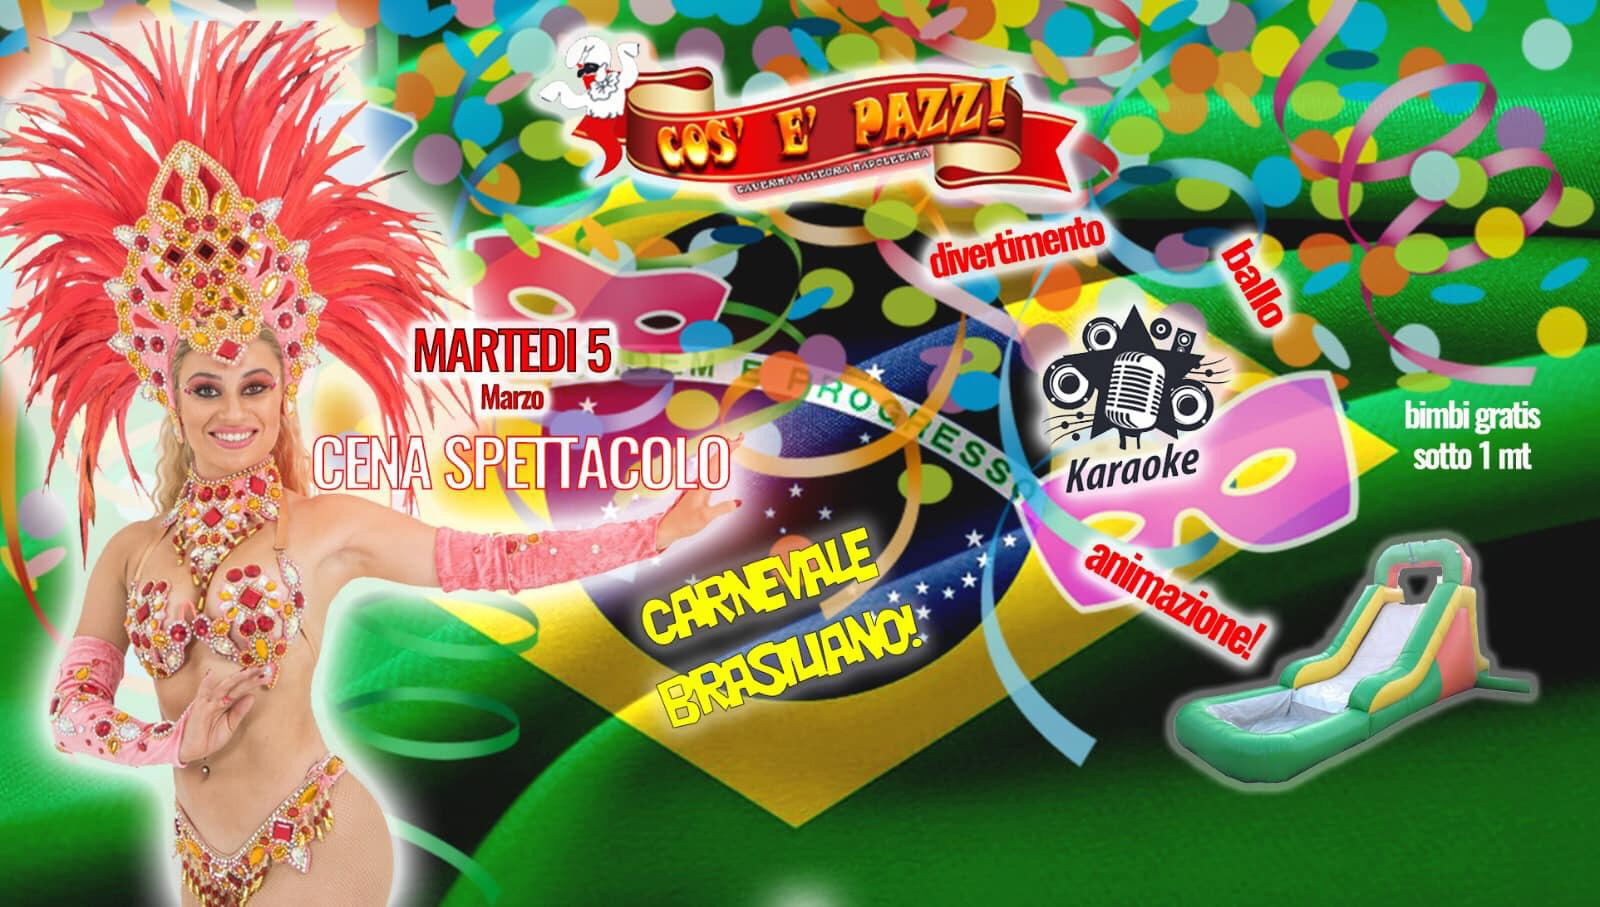 Taverna COS E PAZZ Licola martedì 5 marzo PARTY DI CARNEVALE